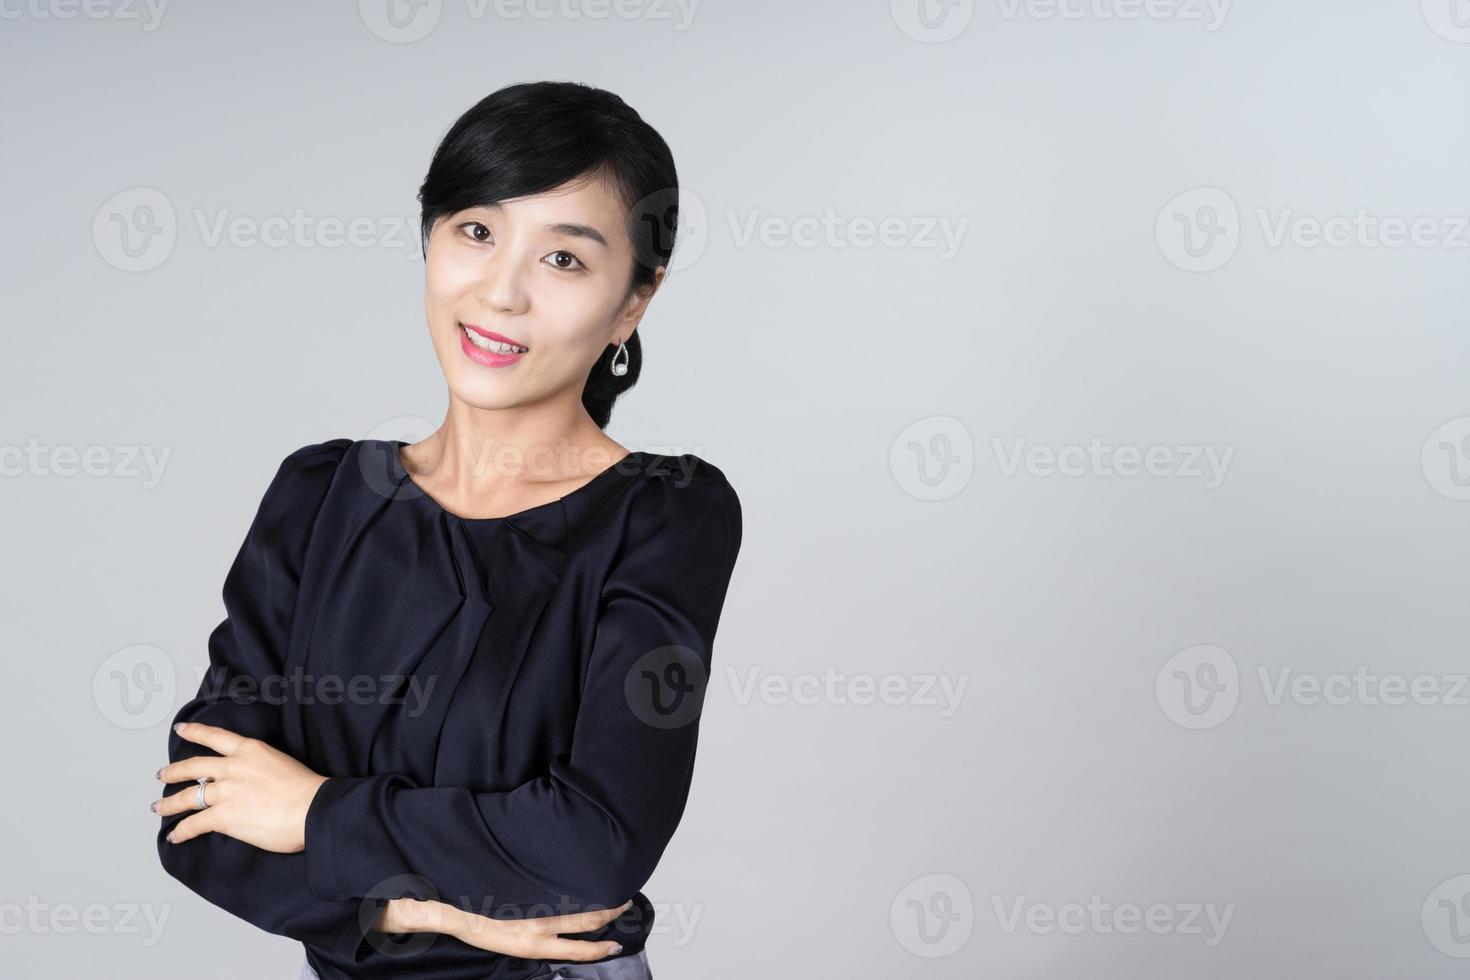 imagen atractiva de la mujer asiática foto